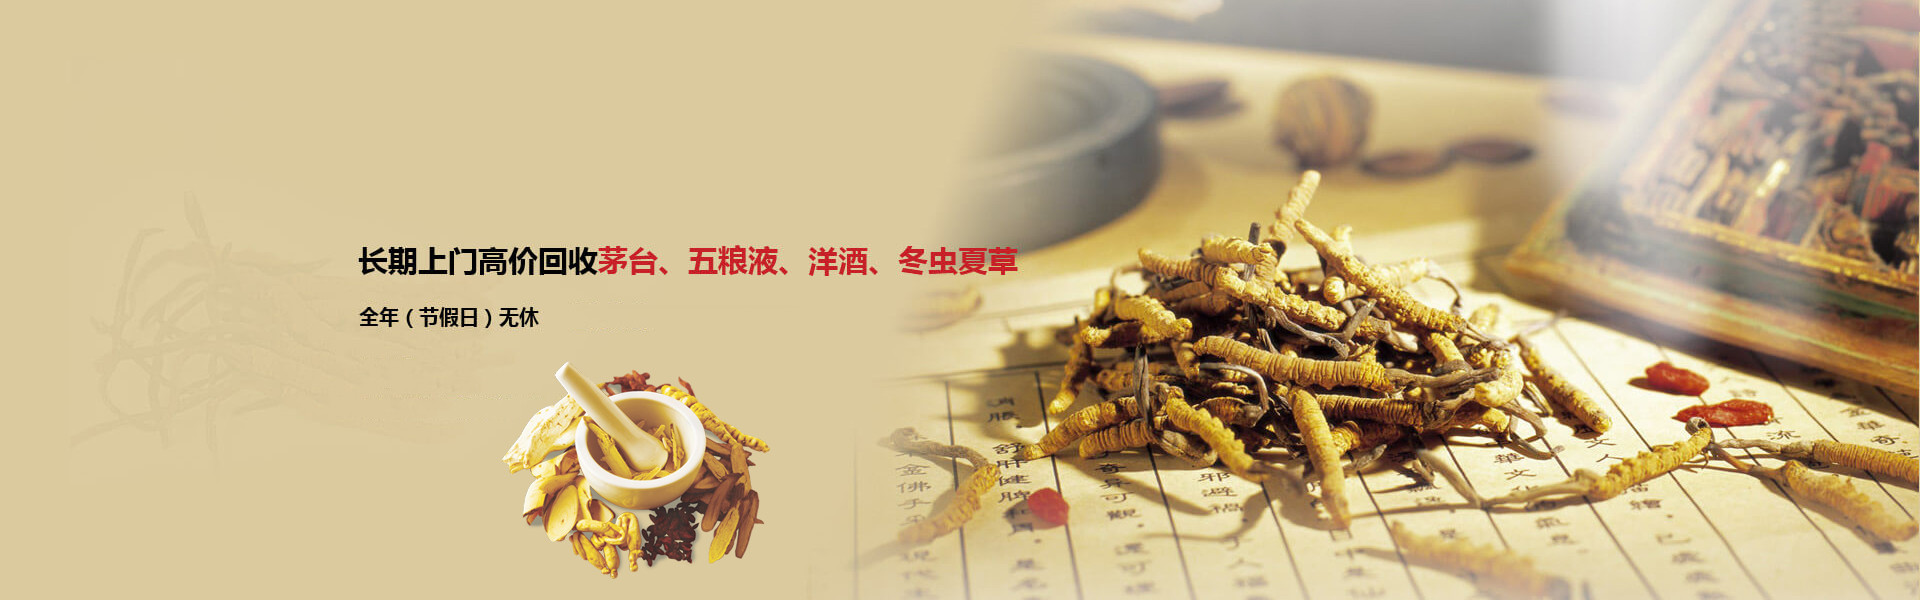 深圳冬虫夏草回收